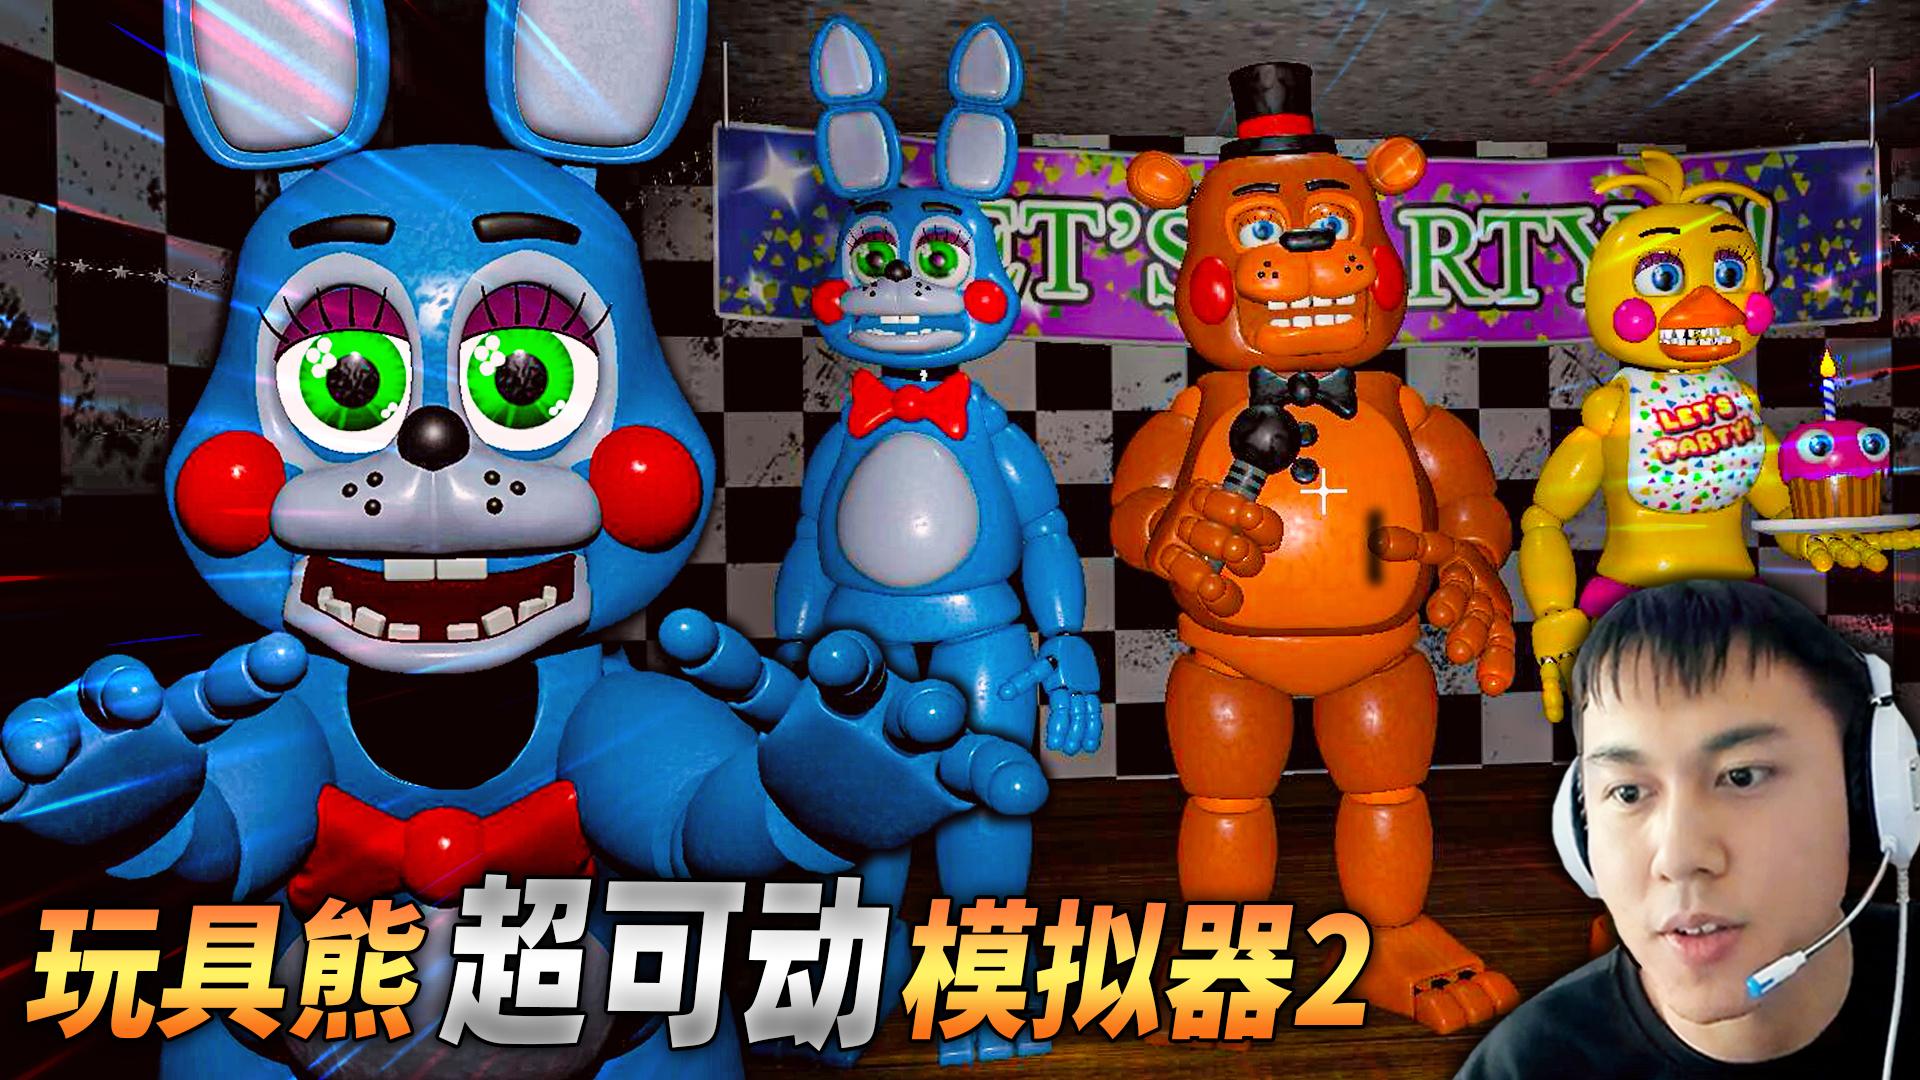 玩具熊超可动模拟器:新玩具善良登场,玩具邦尼眼神绿到慌!极栗解说